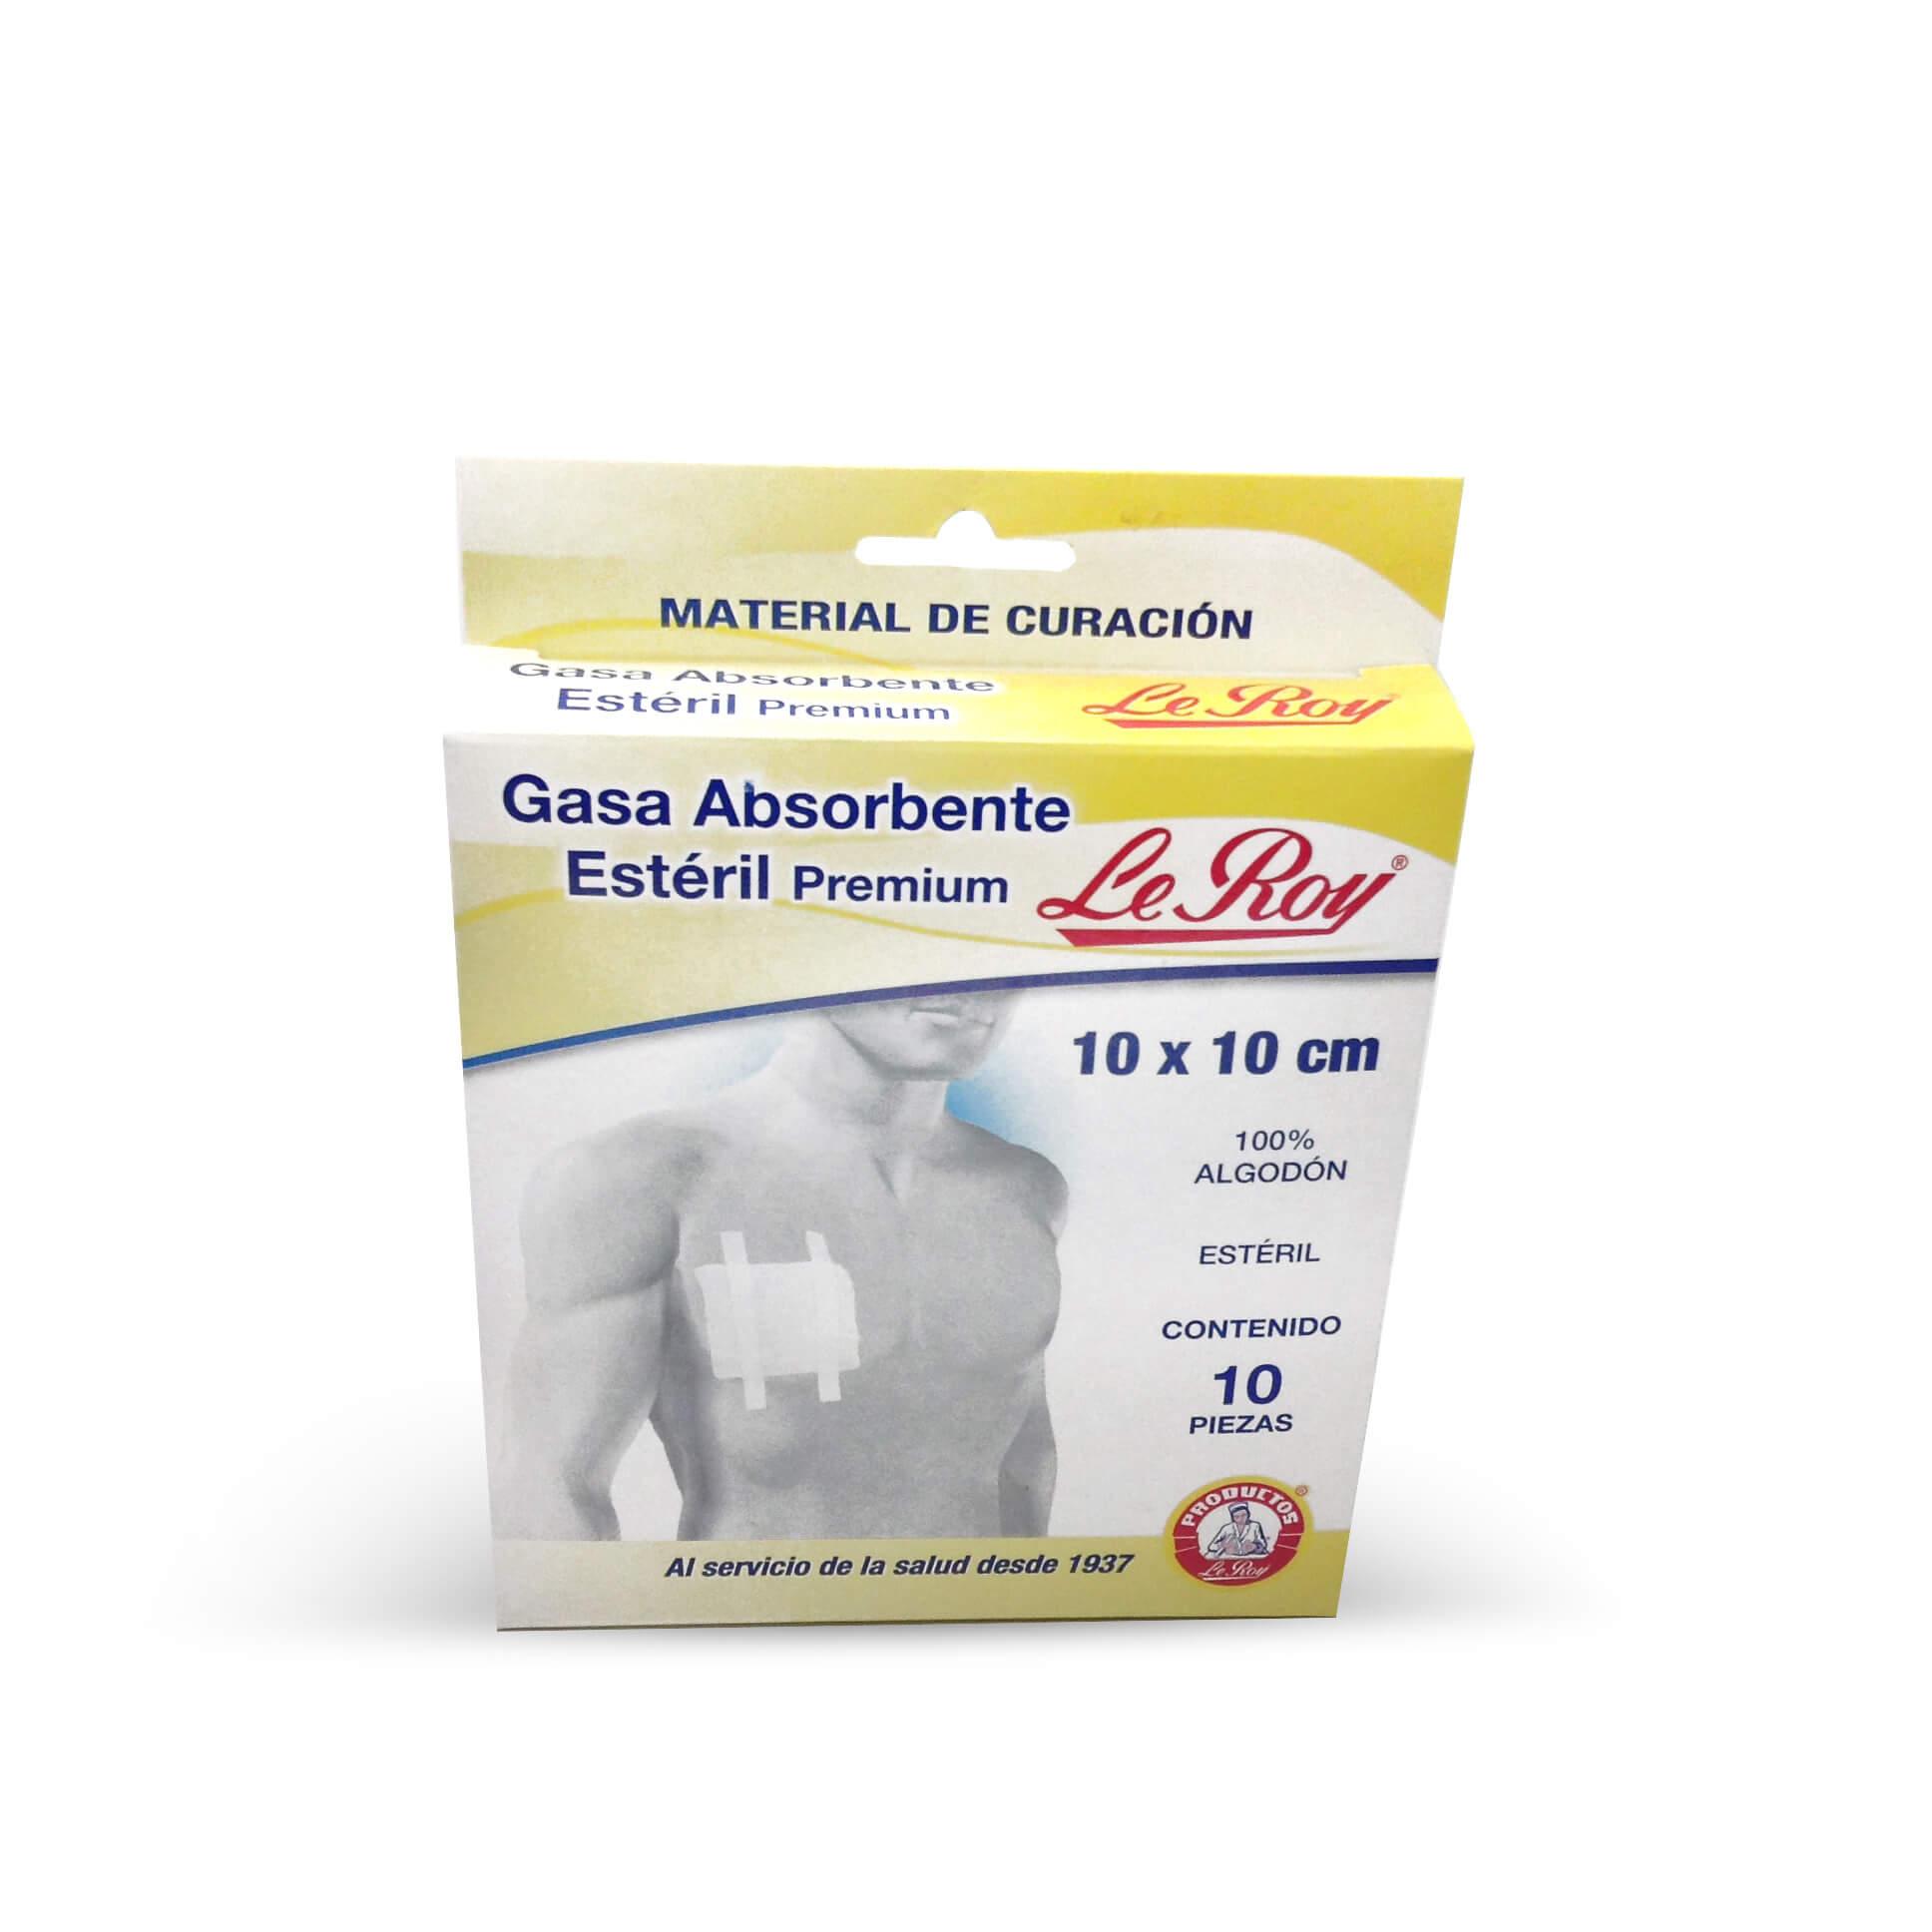 Gasa Absorbente Estéril Premium Le Roy